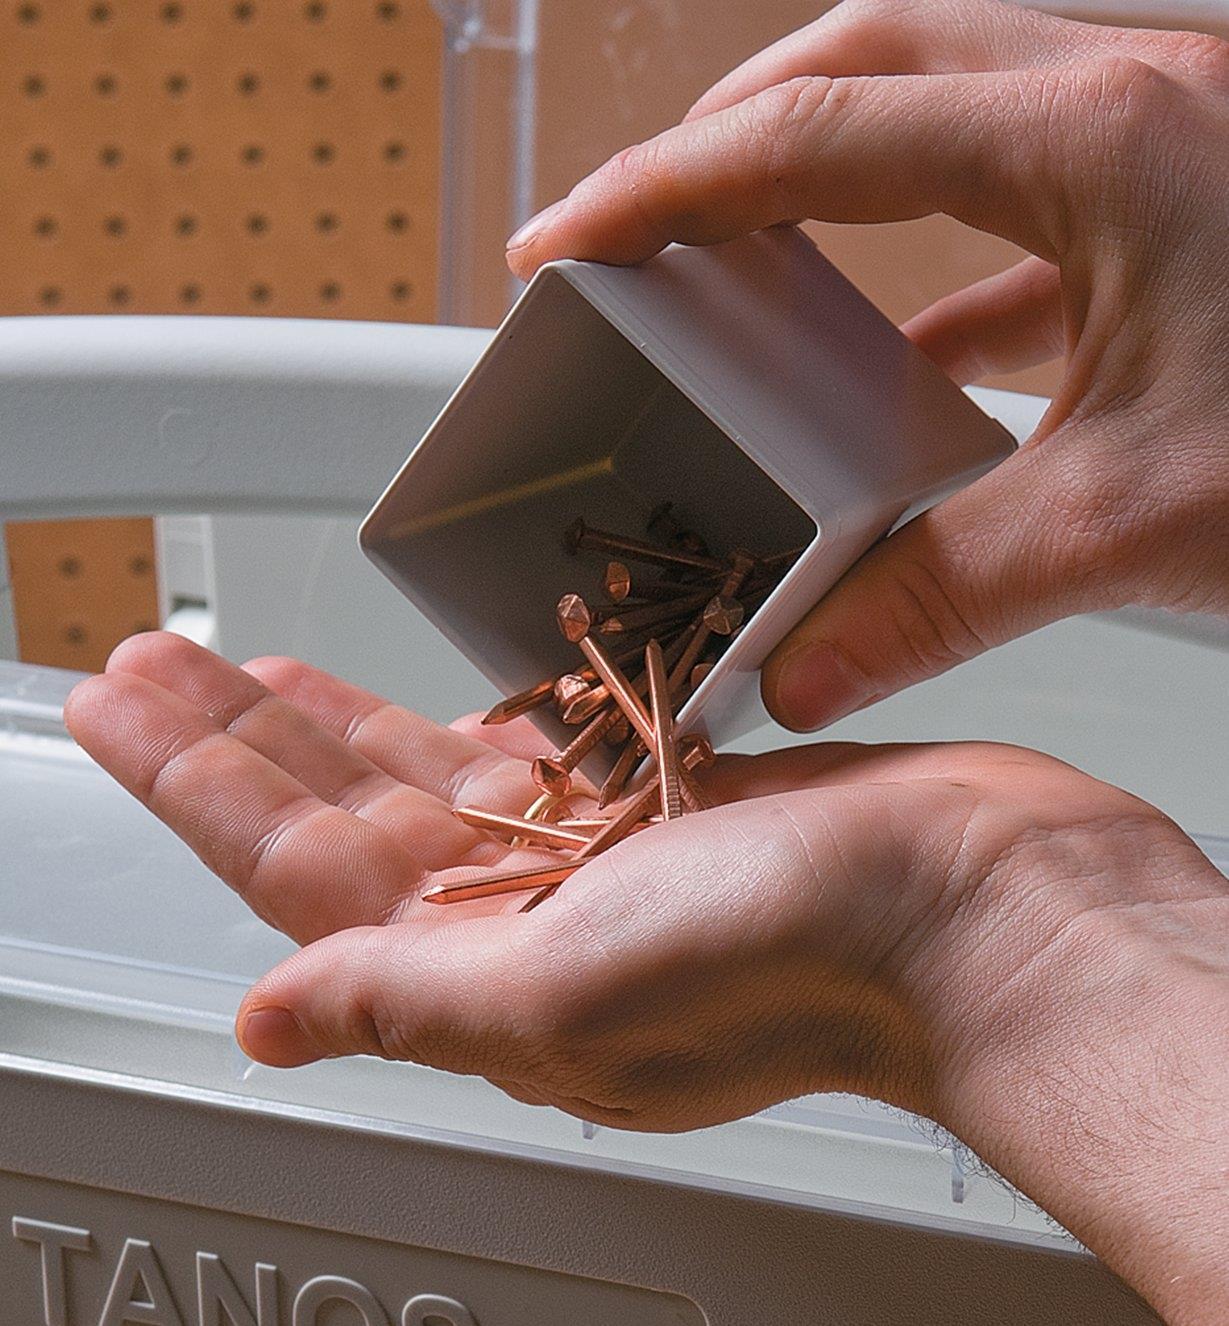 68K4517 - Godet supplémentaire petit format, 59mmx59mm (25/16pox 25/16po) pour coffret de rangement Systainer